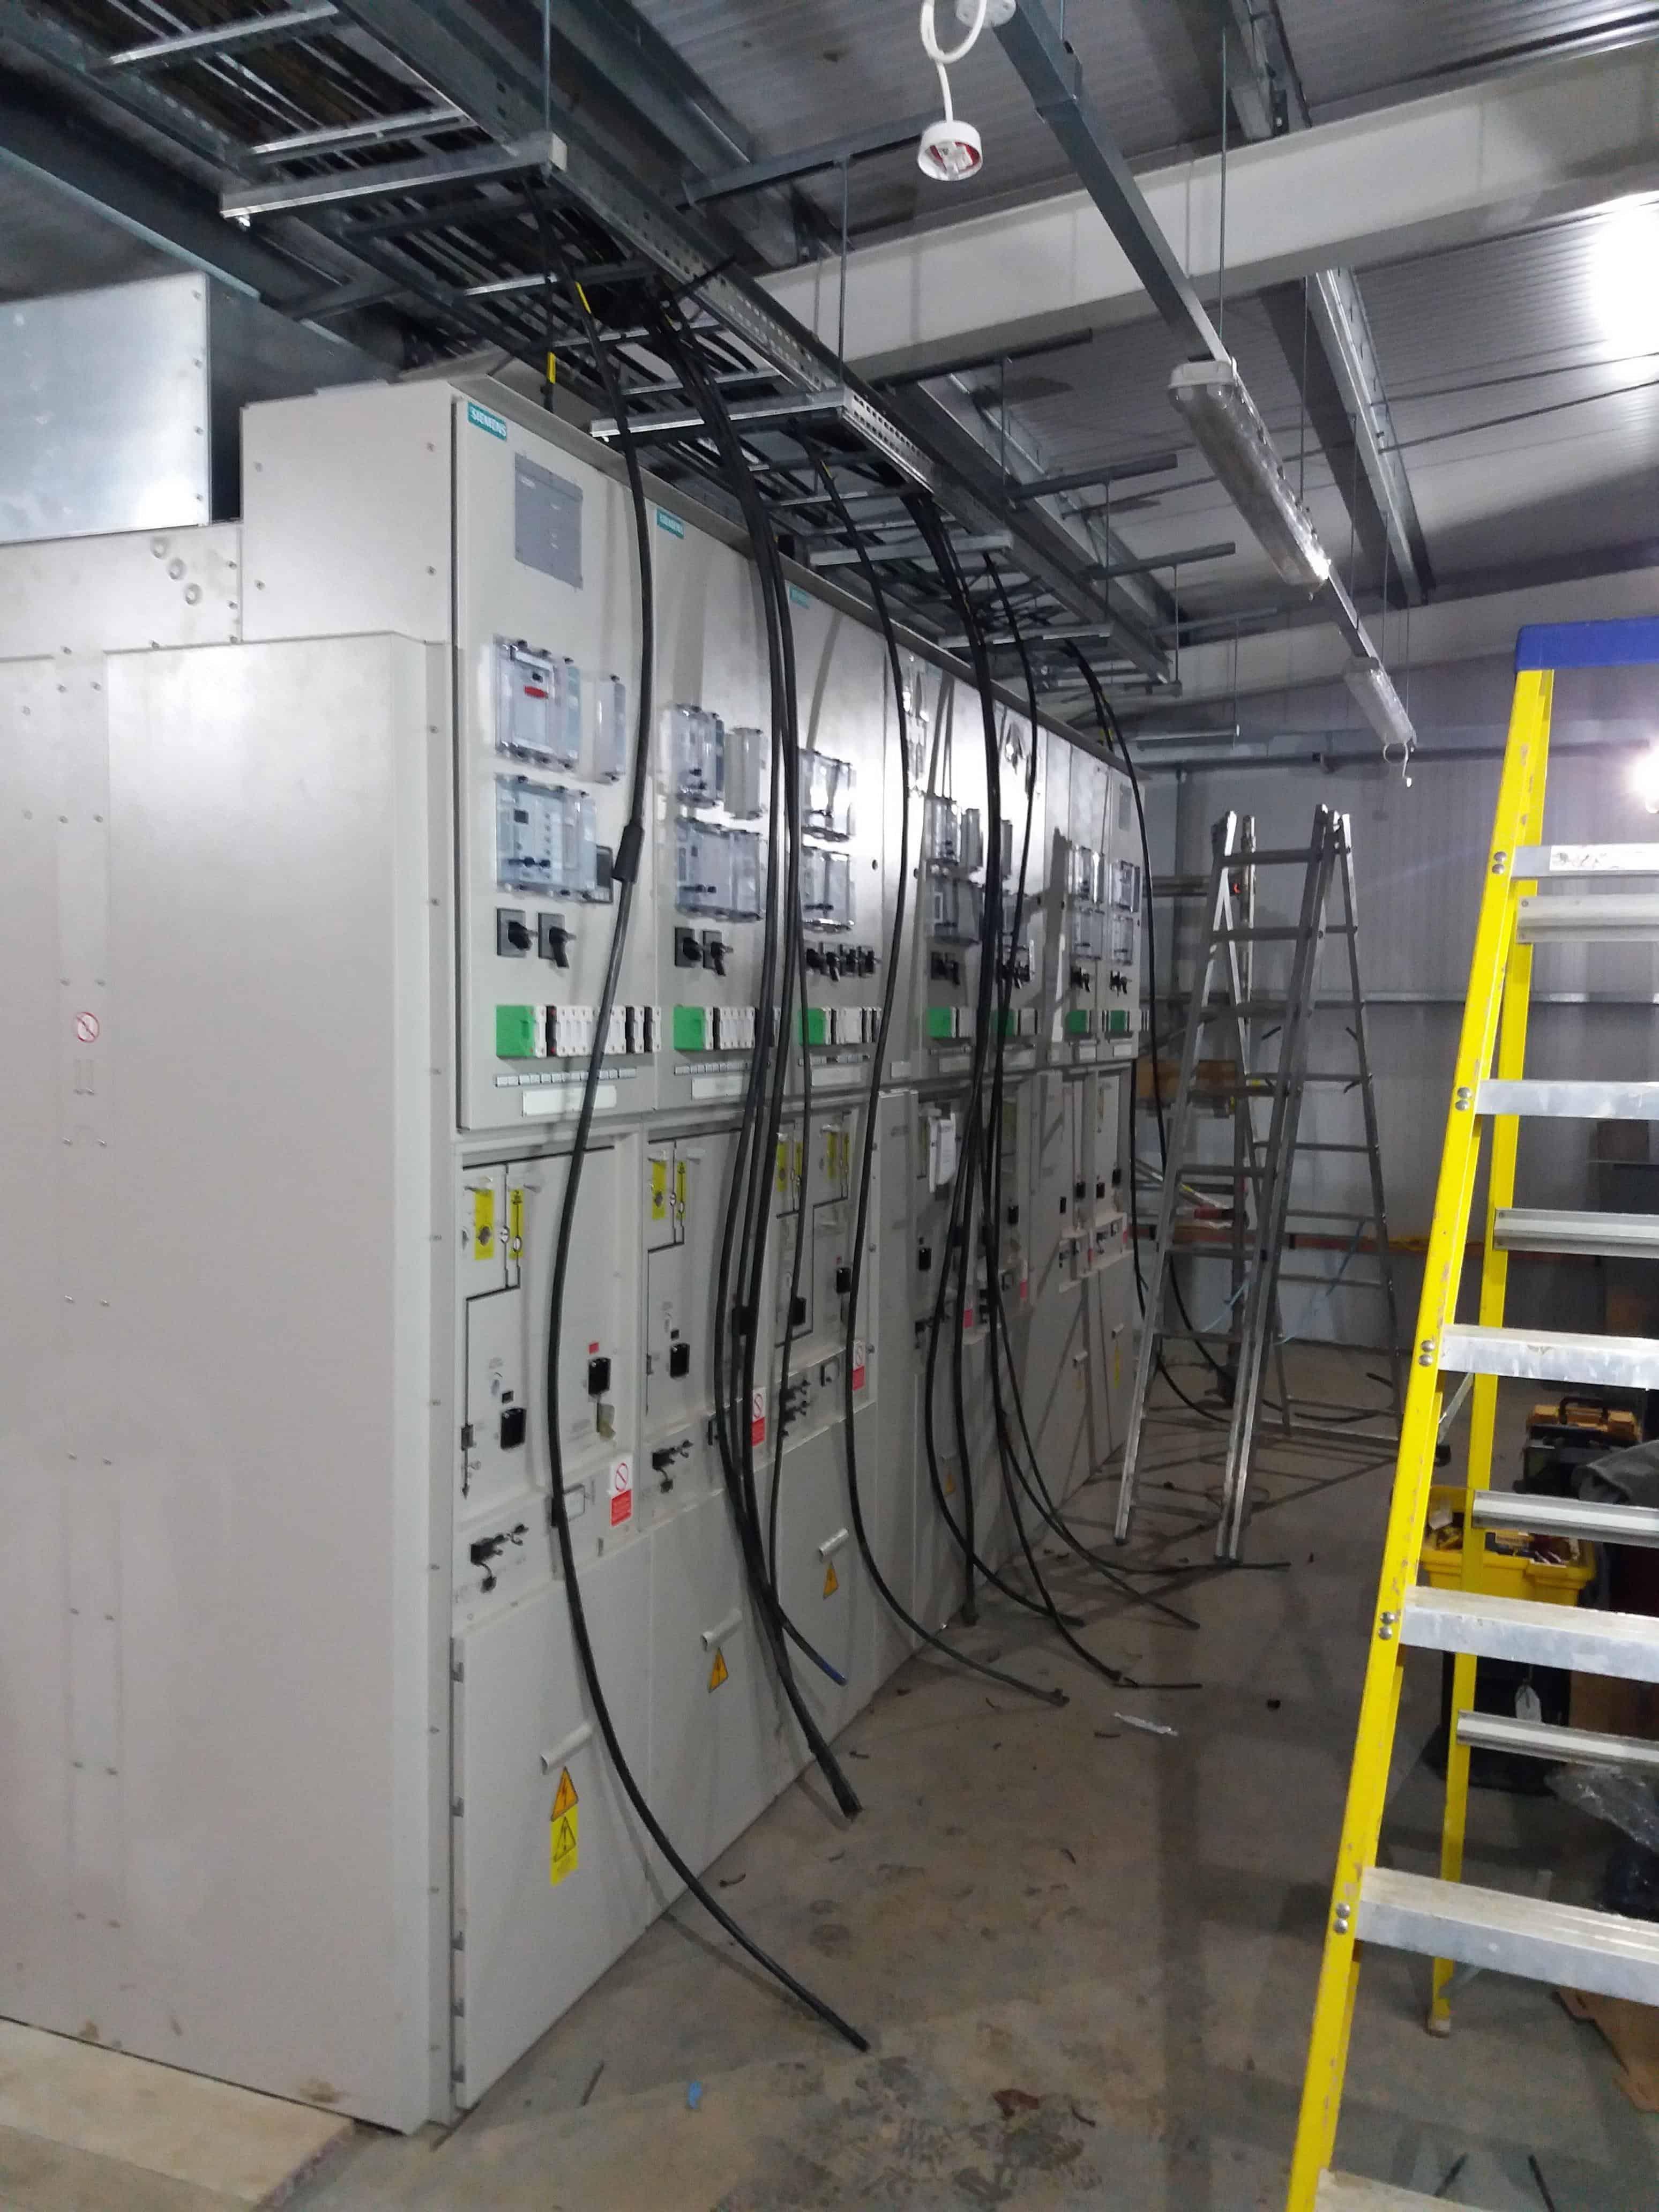 11kv feeder panel